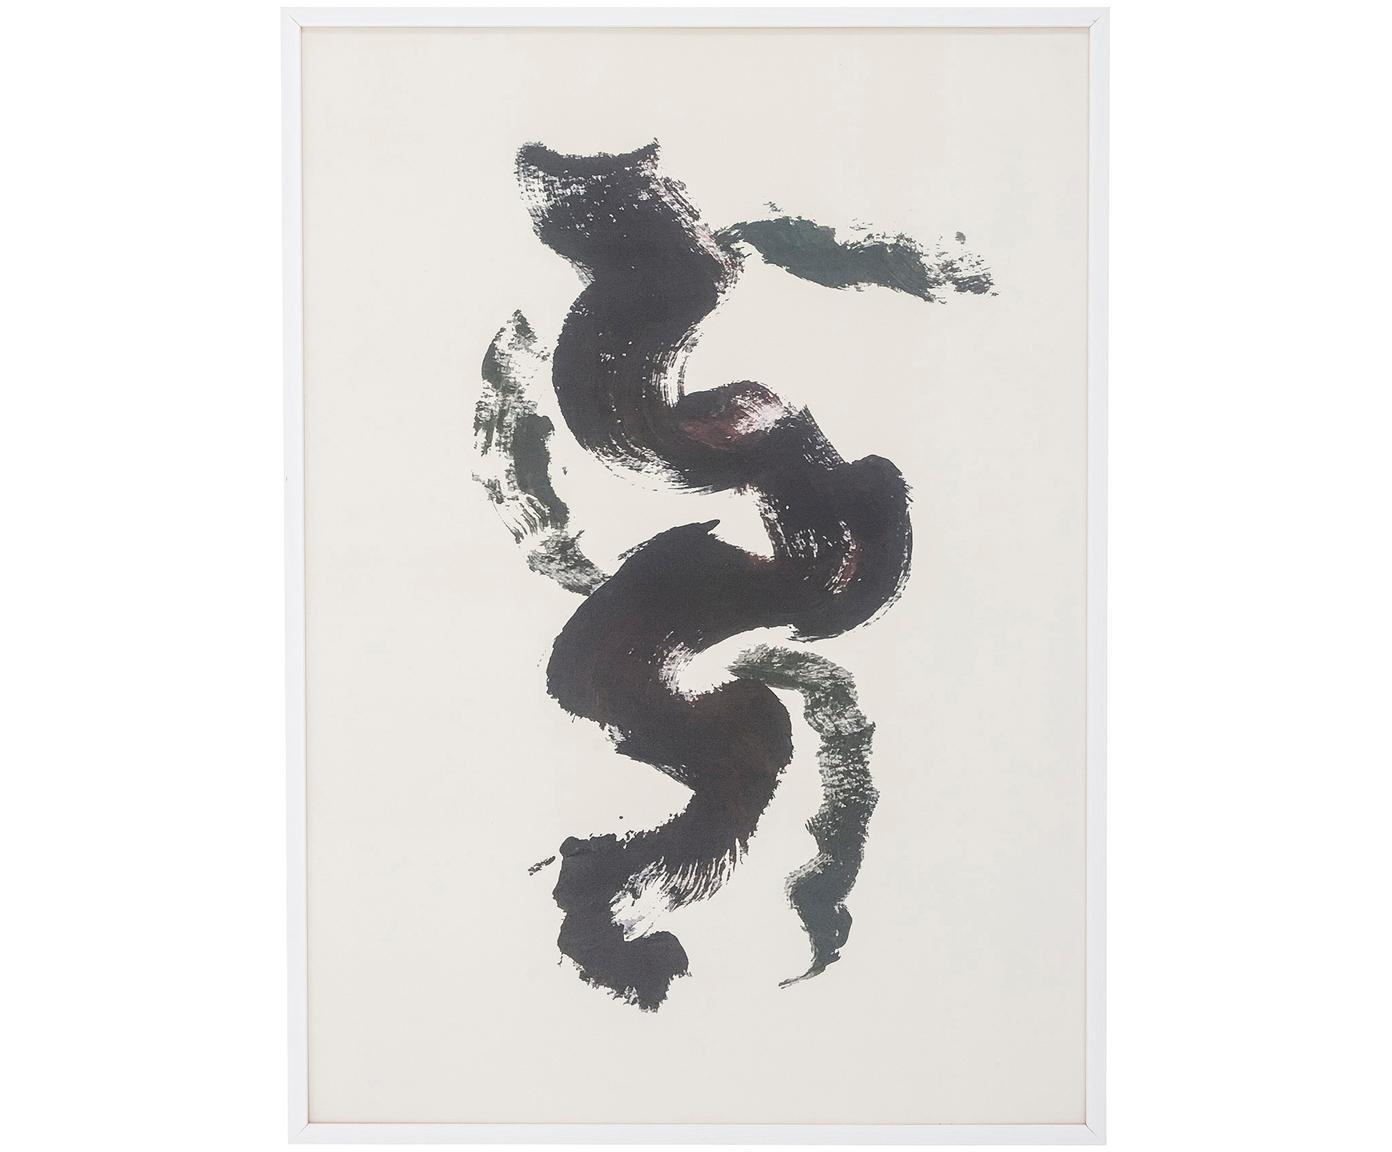 Ingelijste digitale print Fredrik, Lijst: gecoat grenenhout, Afbeelding: papier, Zwart, wit, 52 x 72 cm